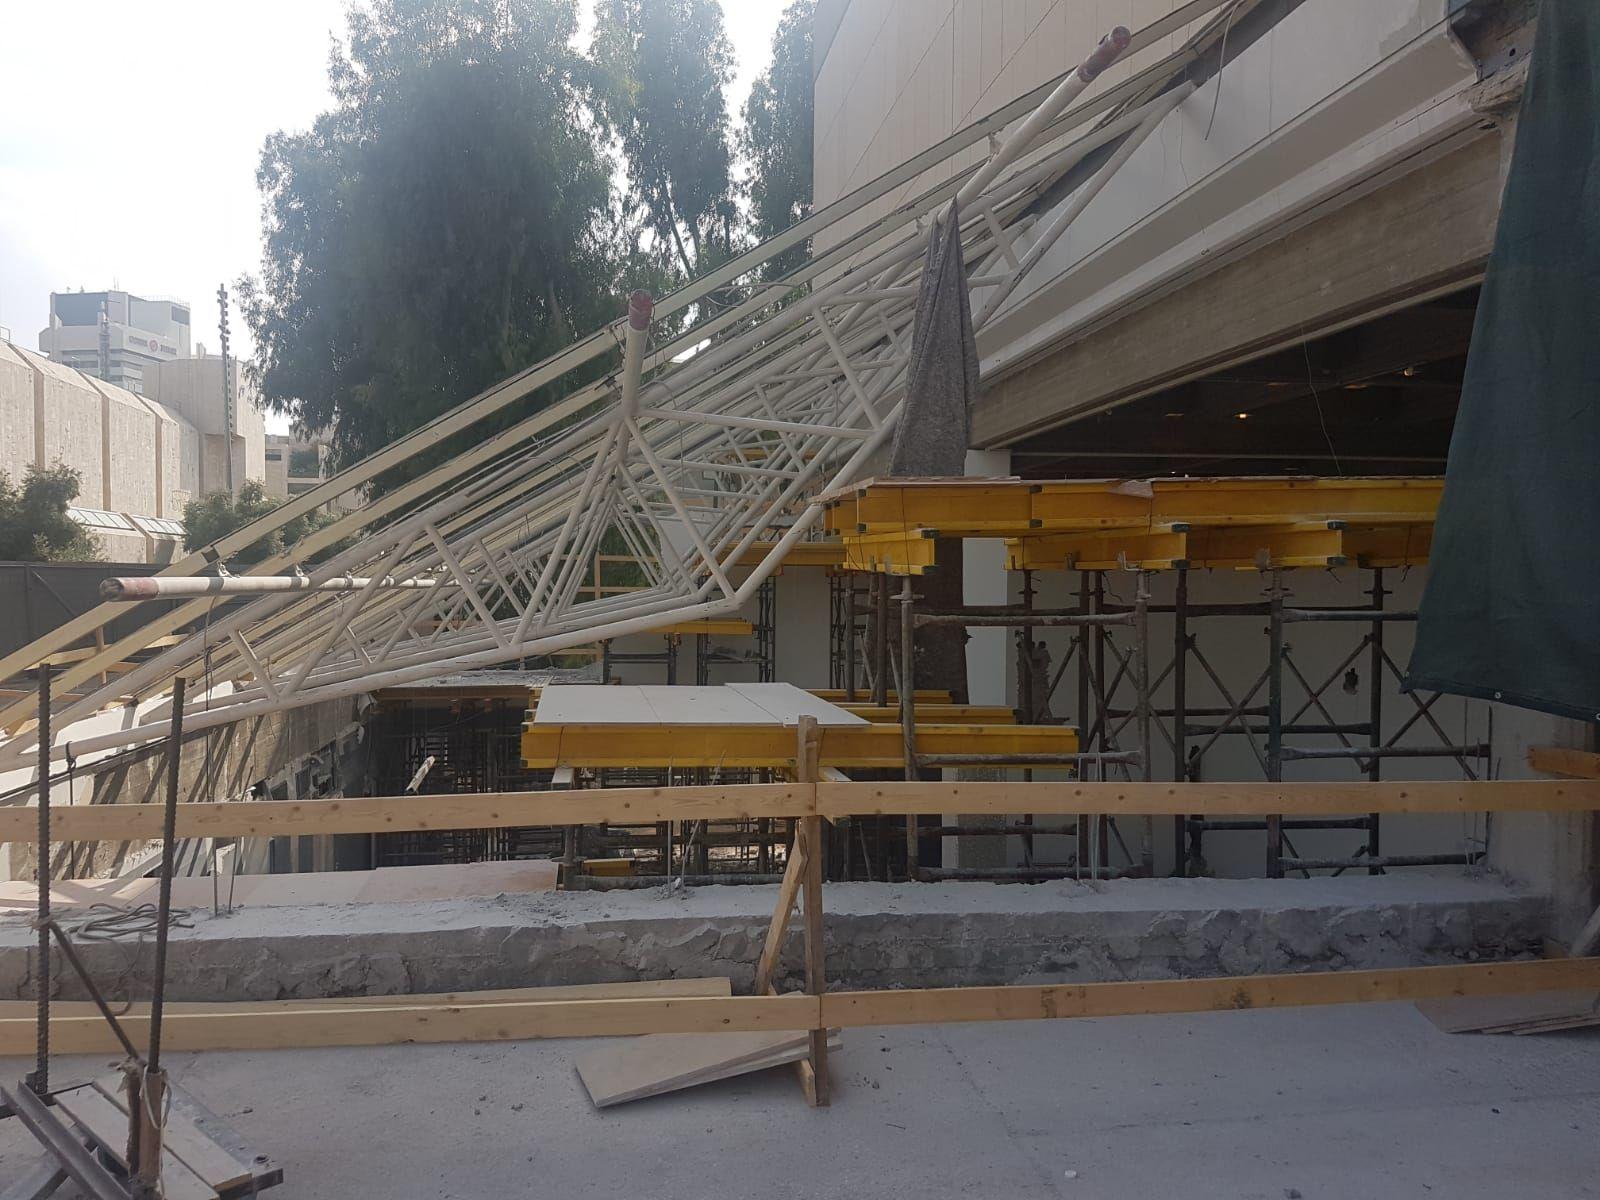 מוזיאון תל אביב לאמנות תמונה מספר 16